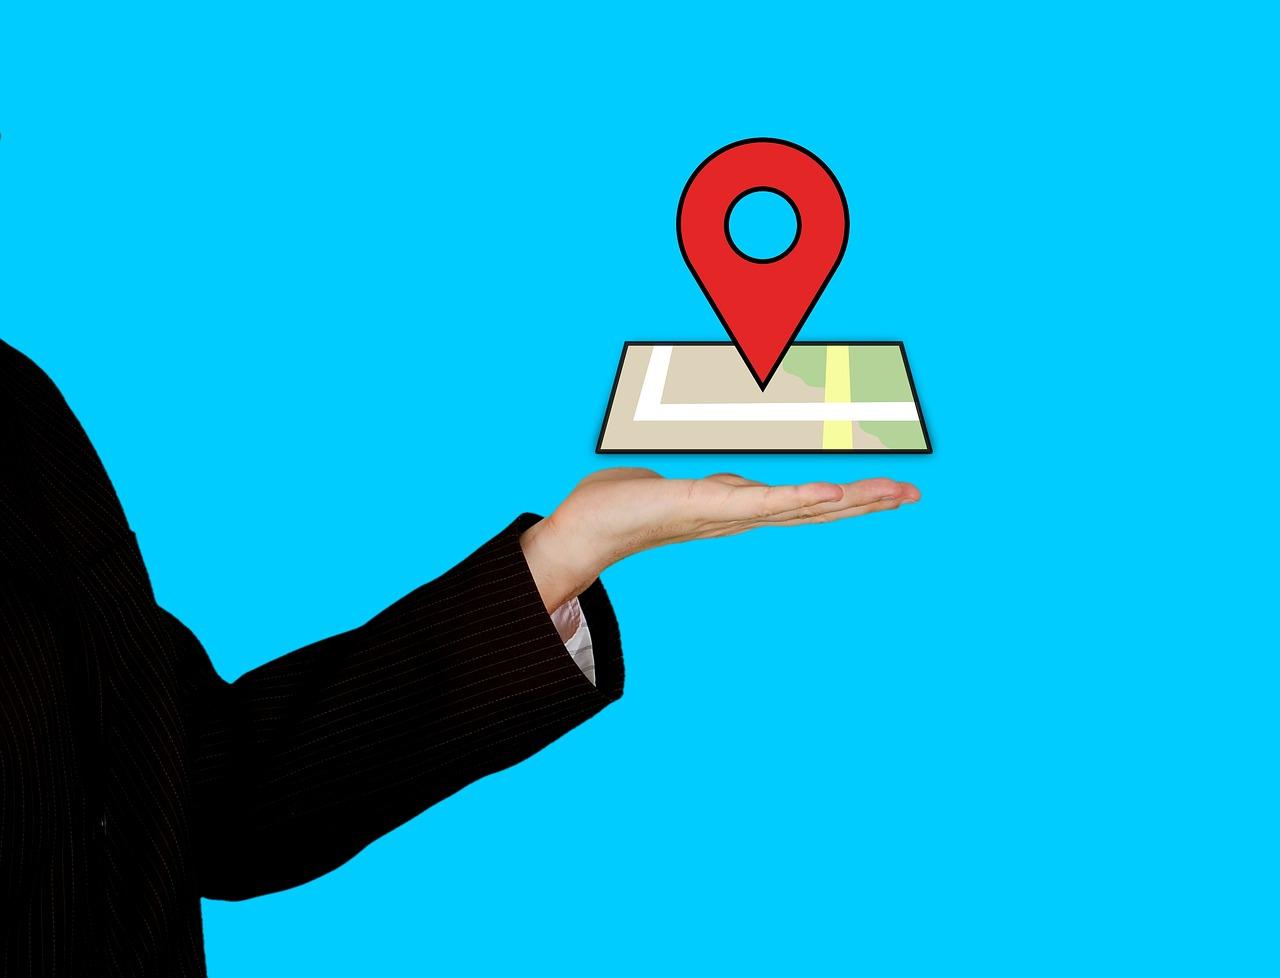 Come mettere la mia attività su Google Maps - Promuovi la tua attività 1